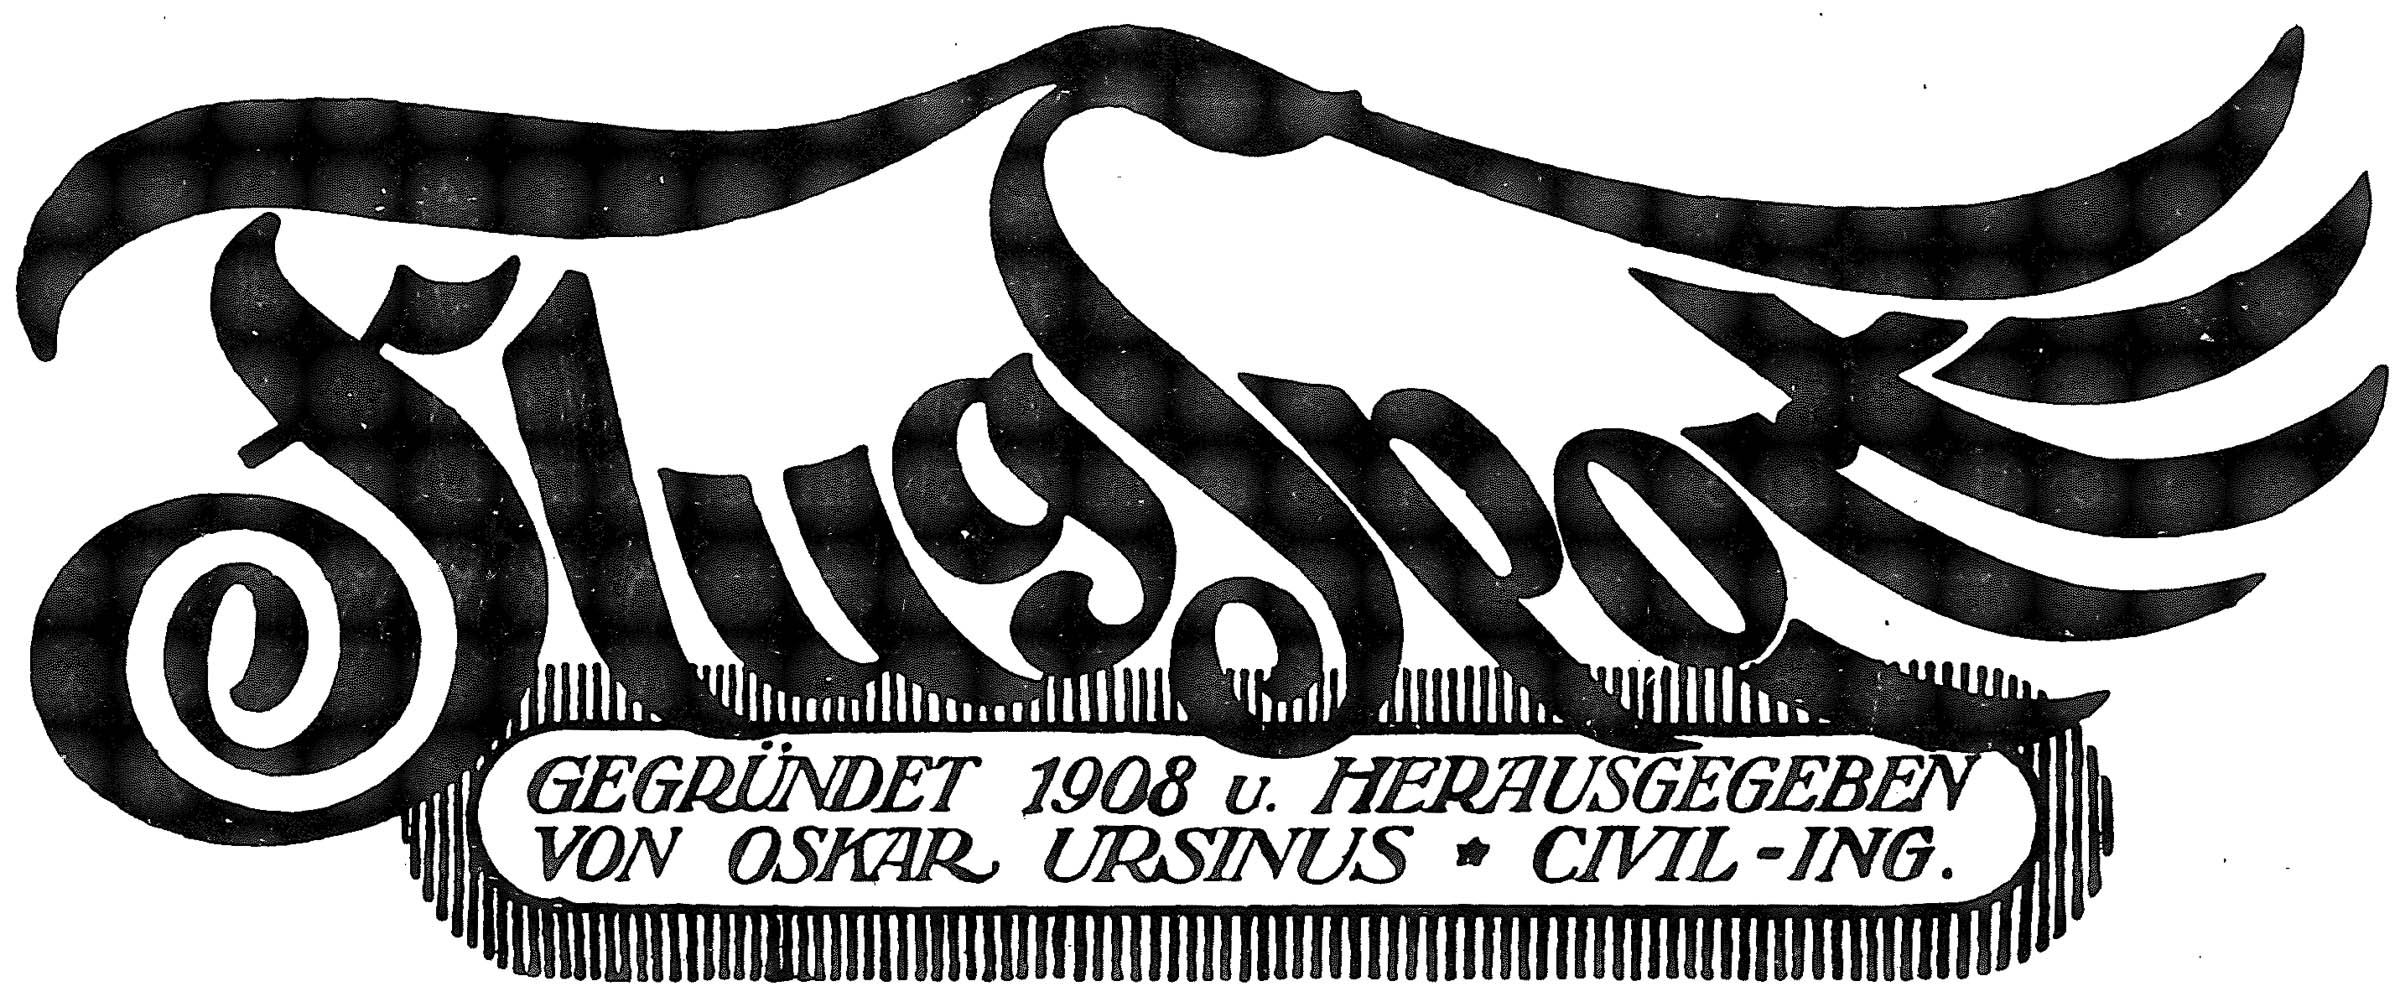 Online-Archiv der Zeitschrift Flugsport